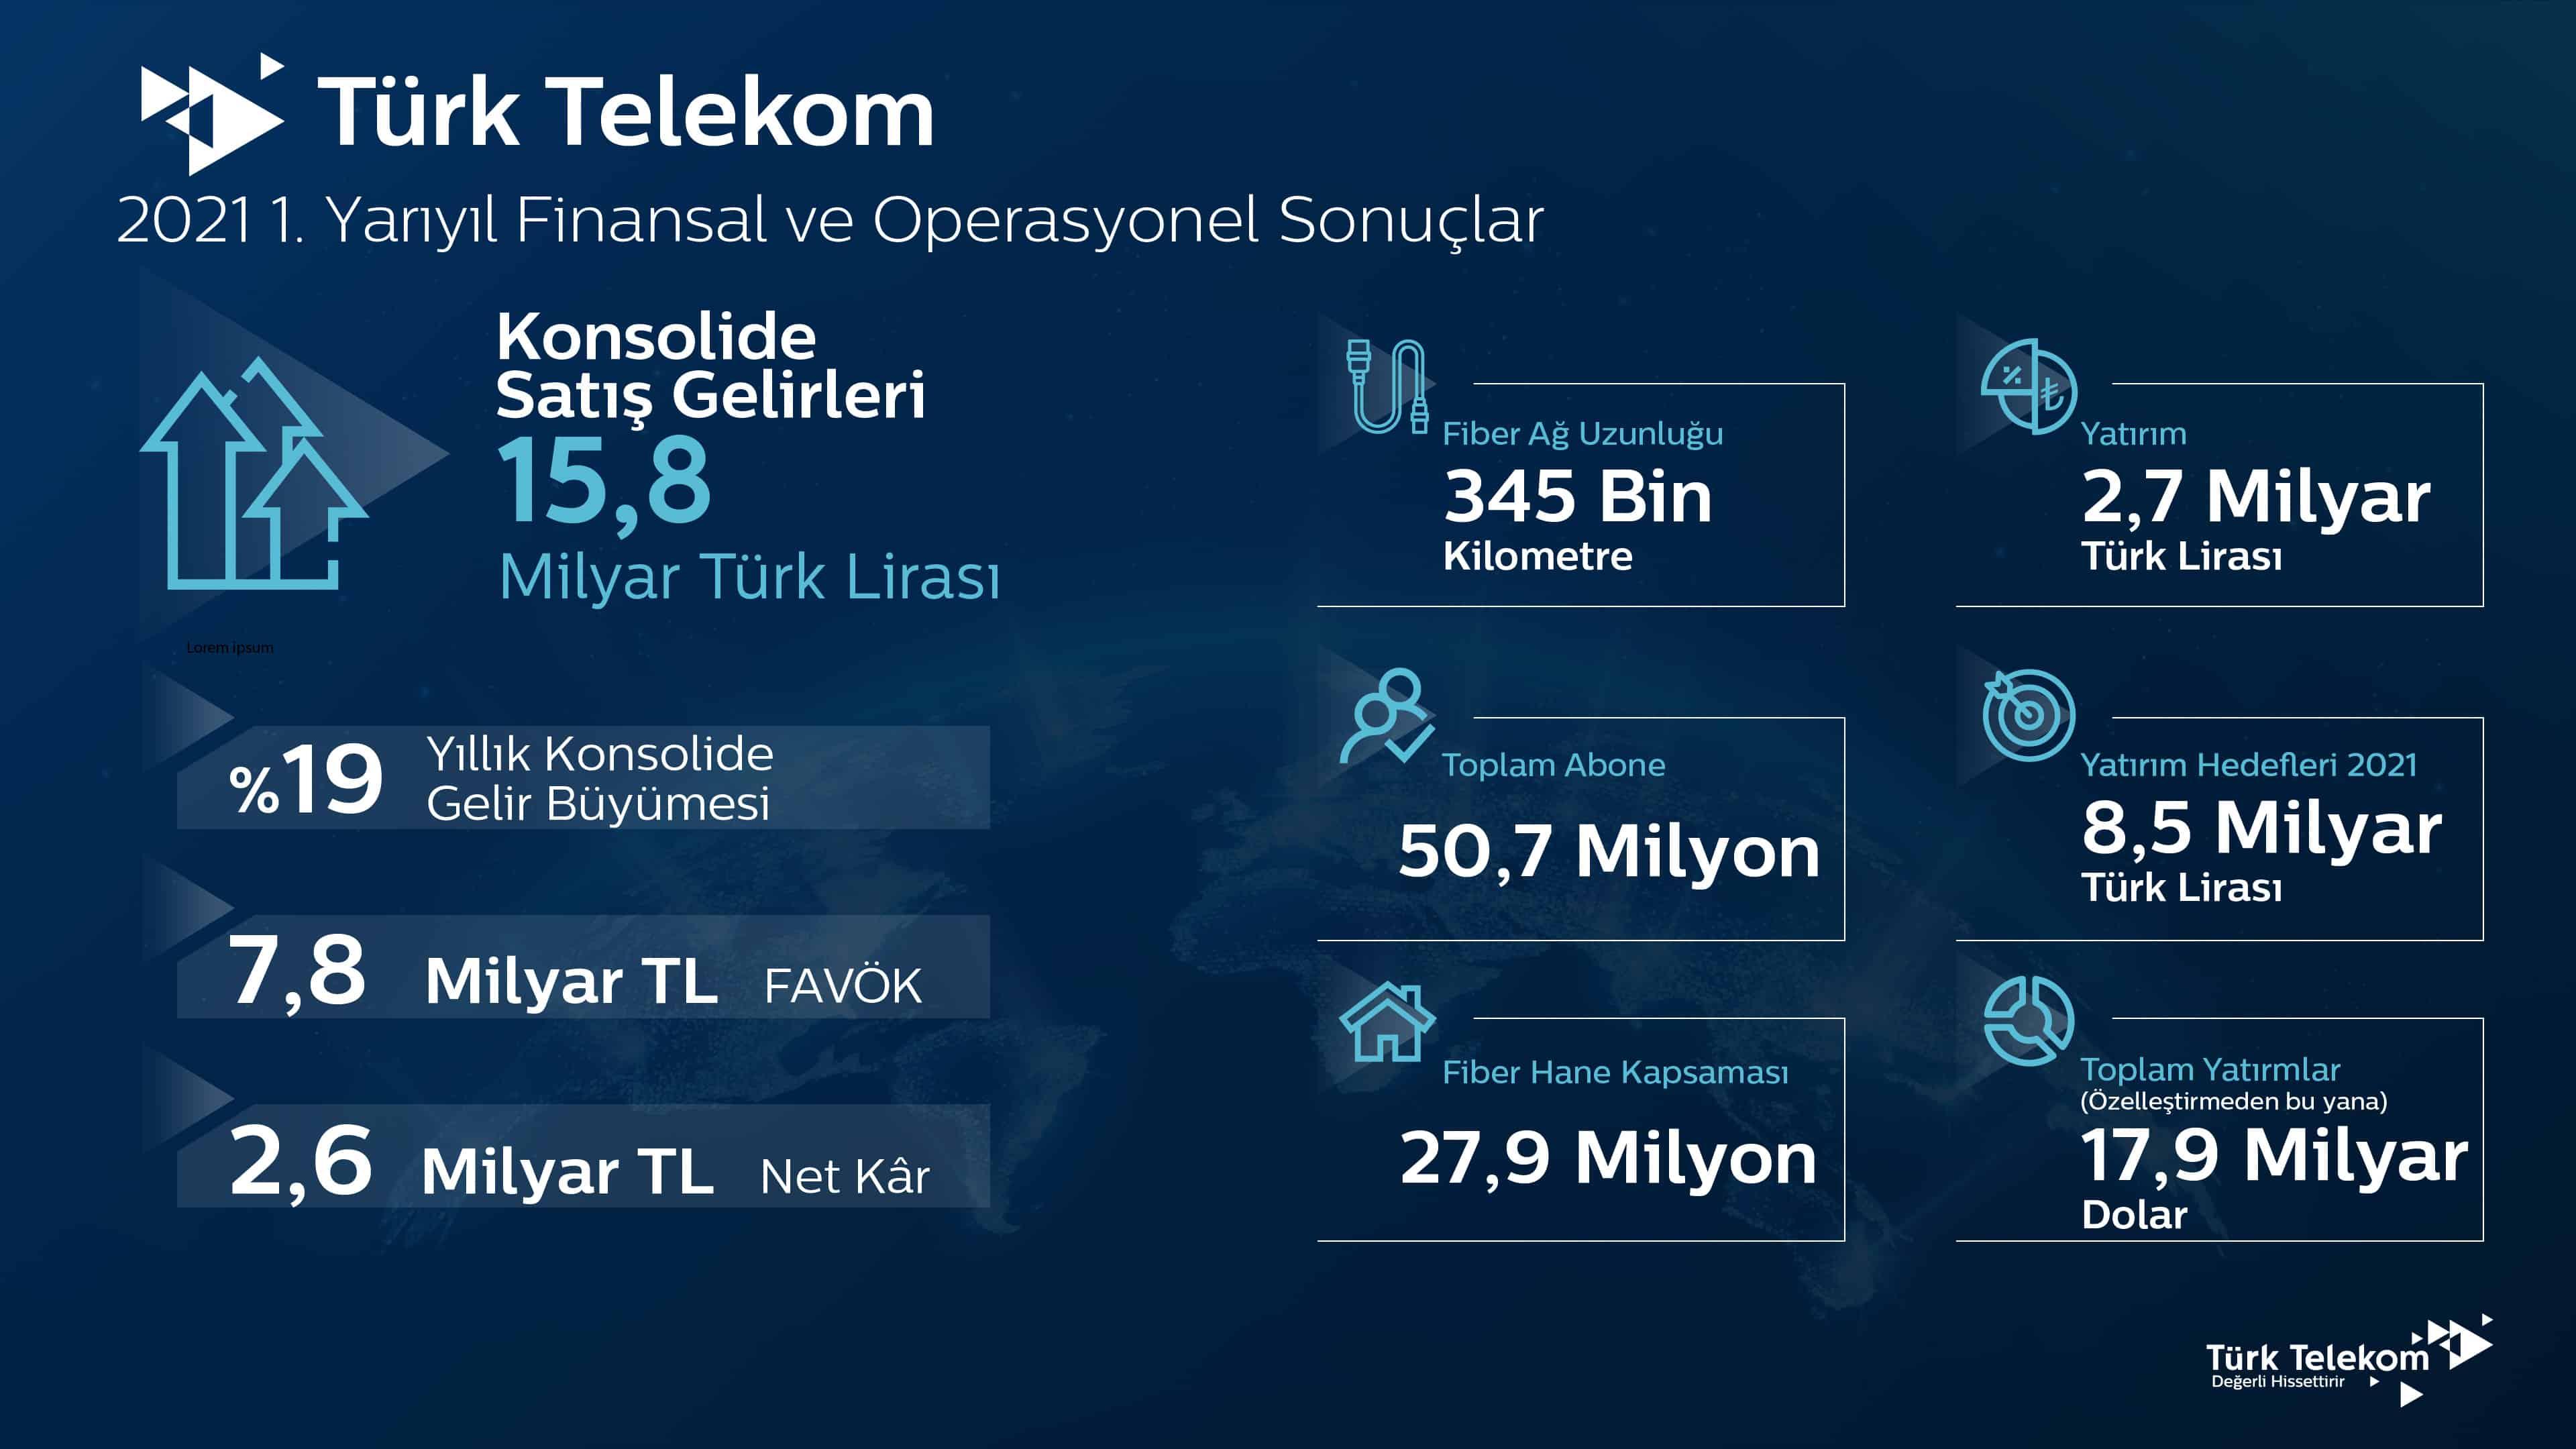 türk telekom 2021 finans raporu